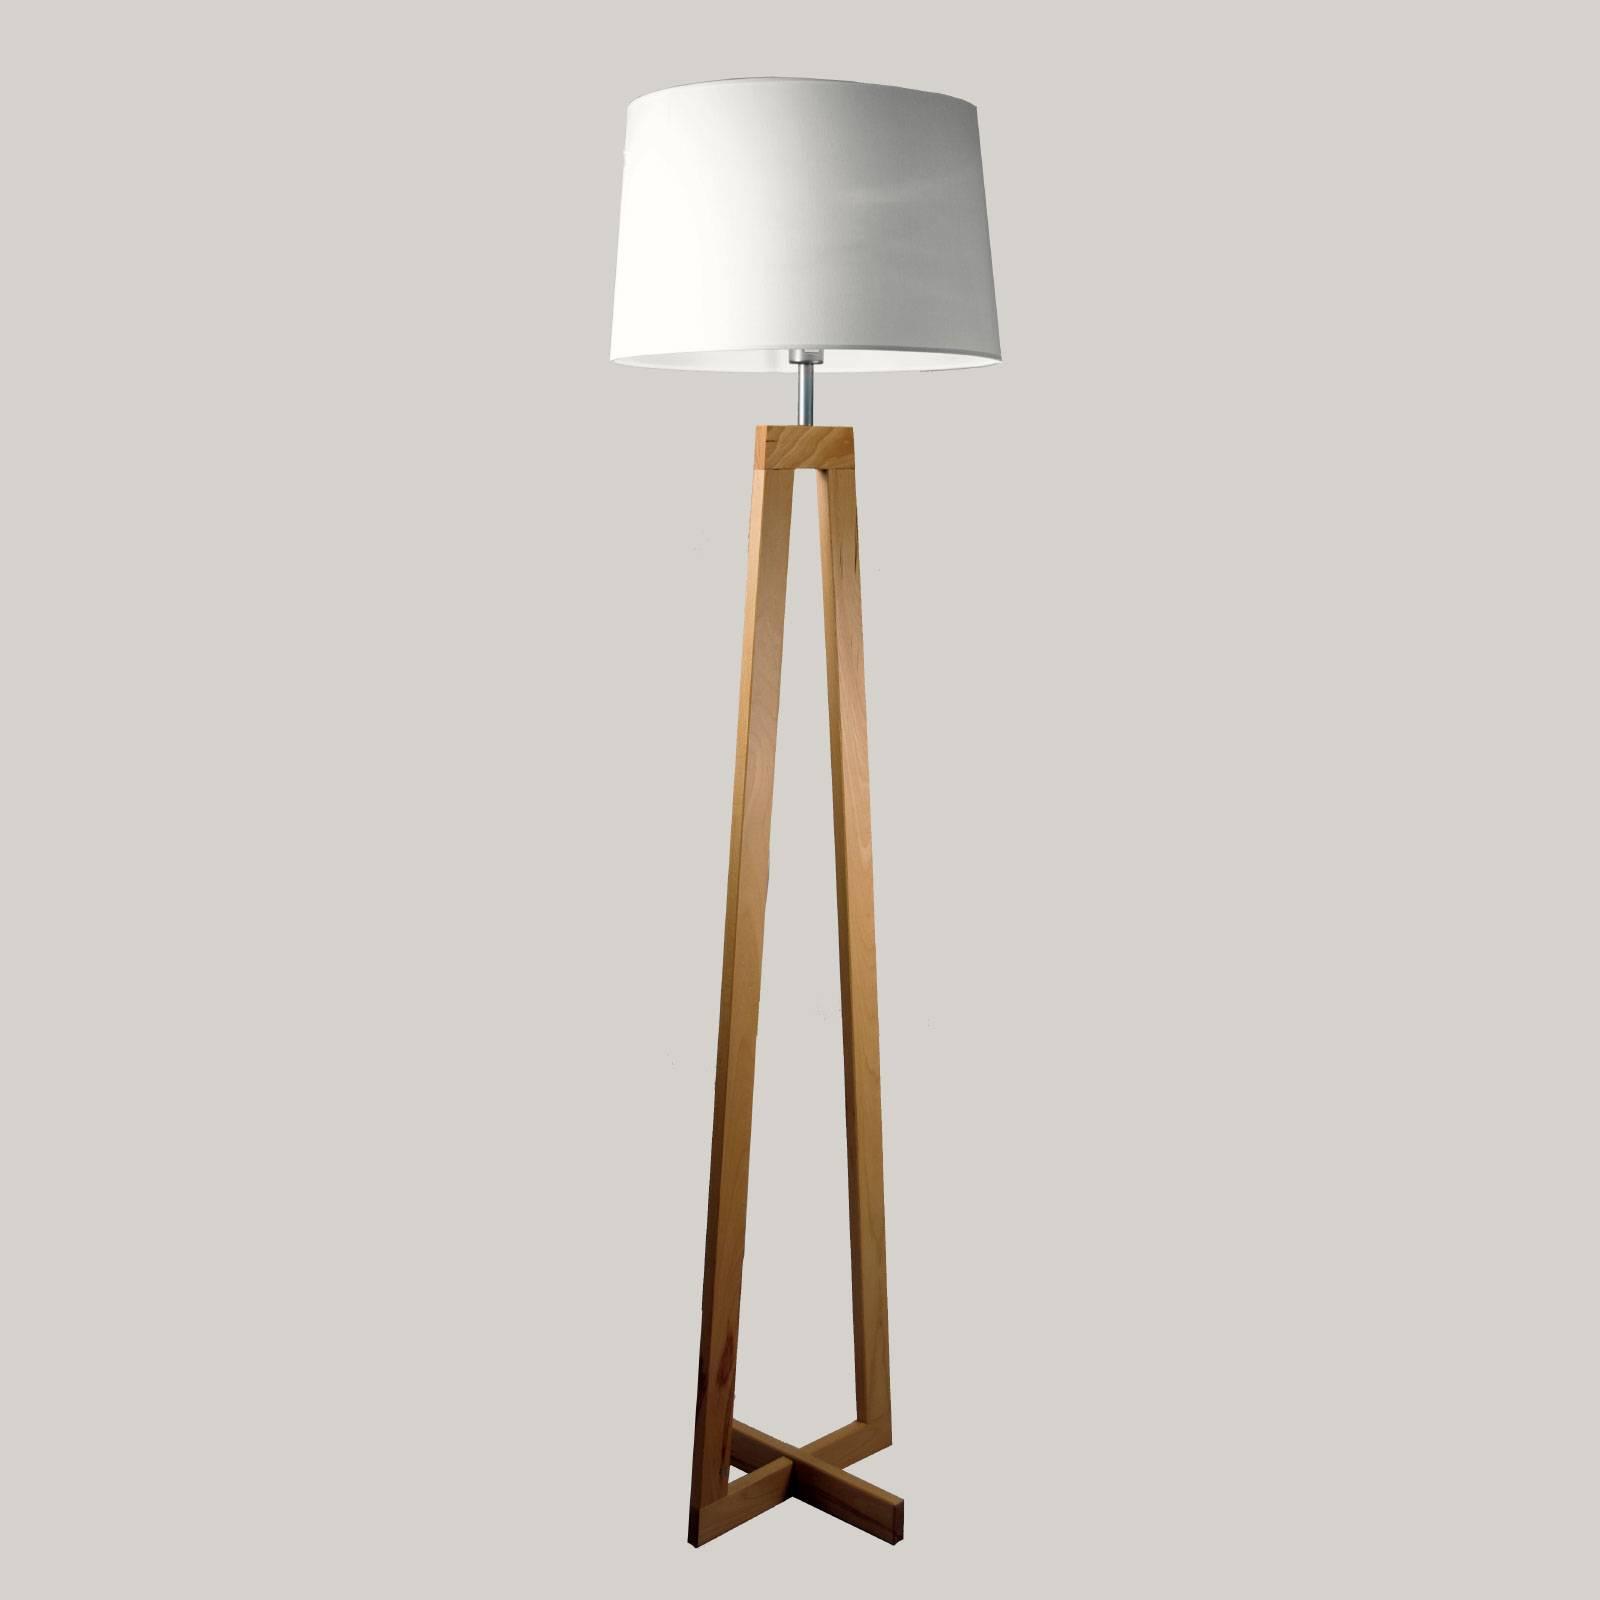 Stehleuchte Sacha LS aus Holz und Textil, weiß